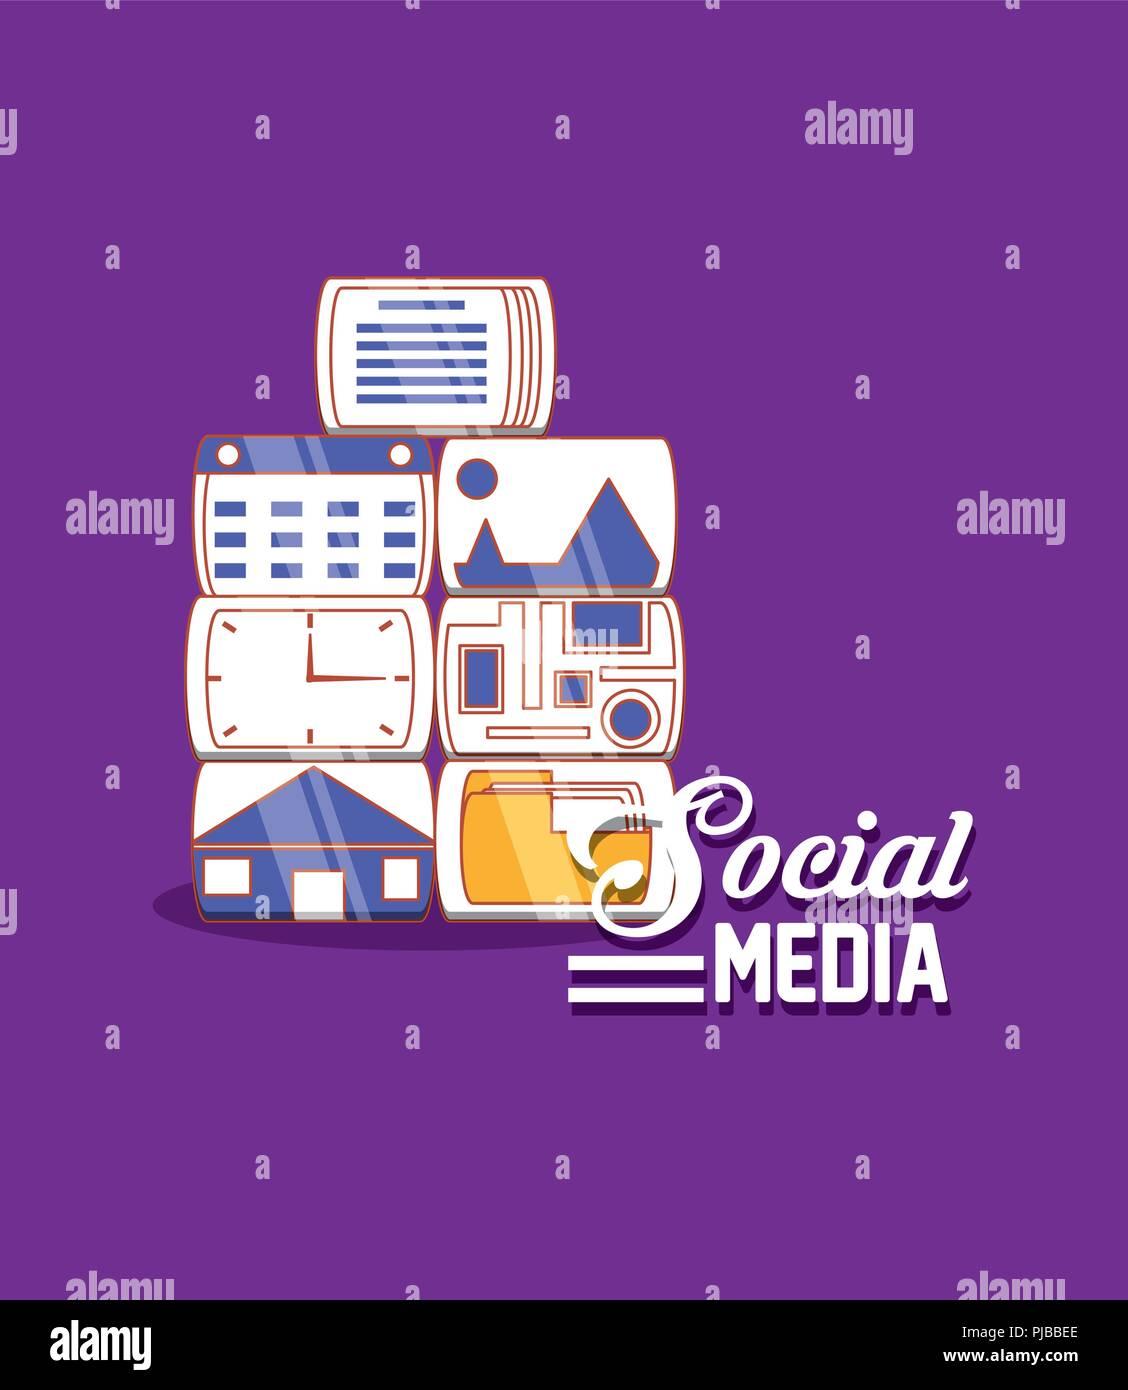 Aplicaciones de medios sociales technology digital ilustración vectorial Imagen De Stock